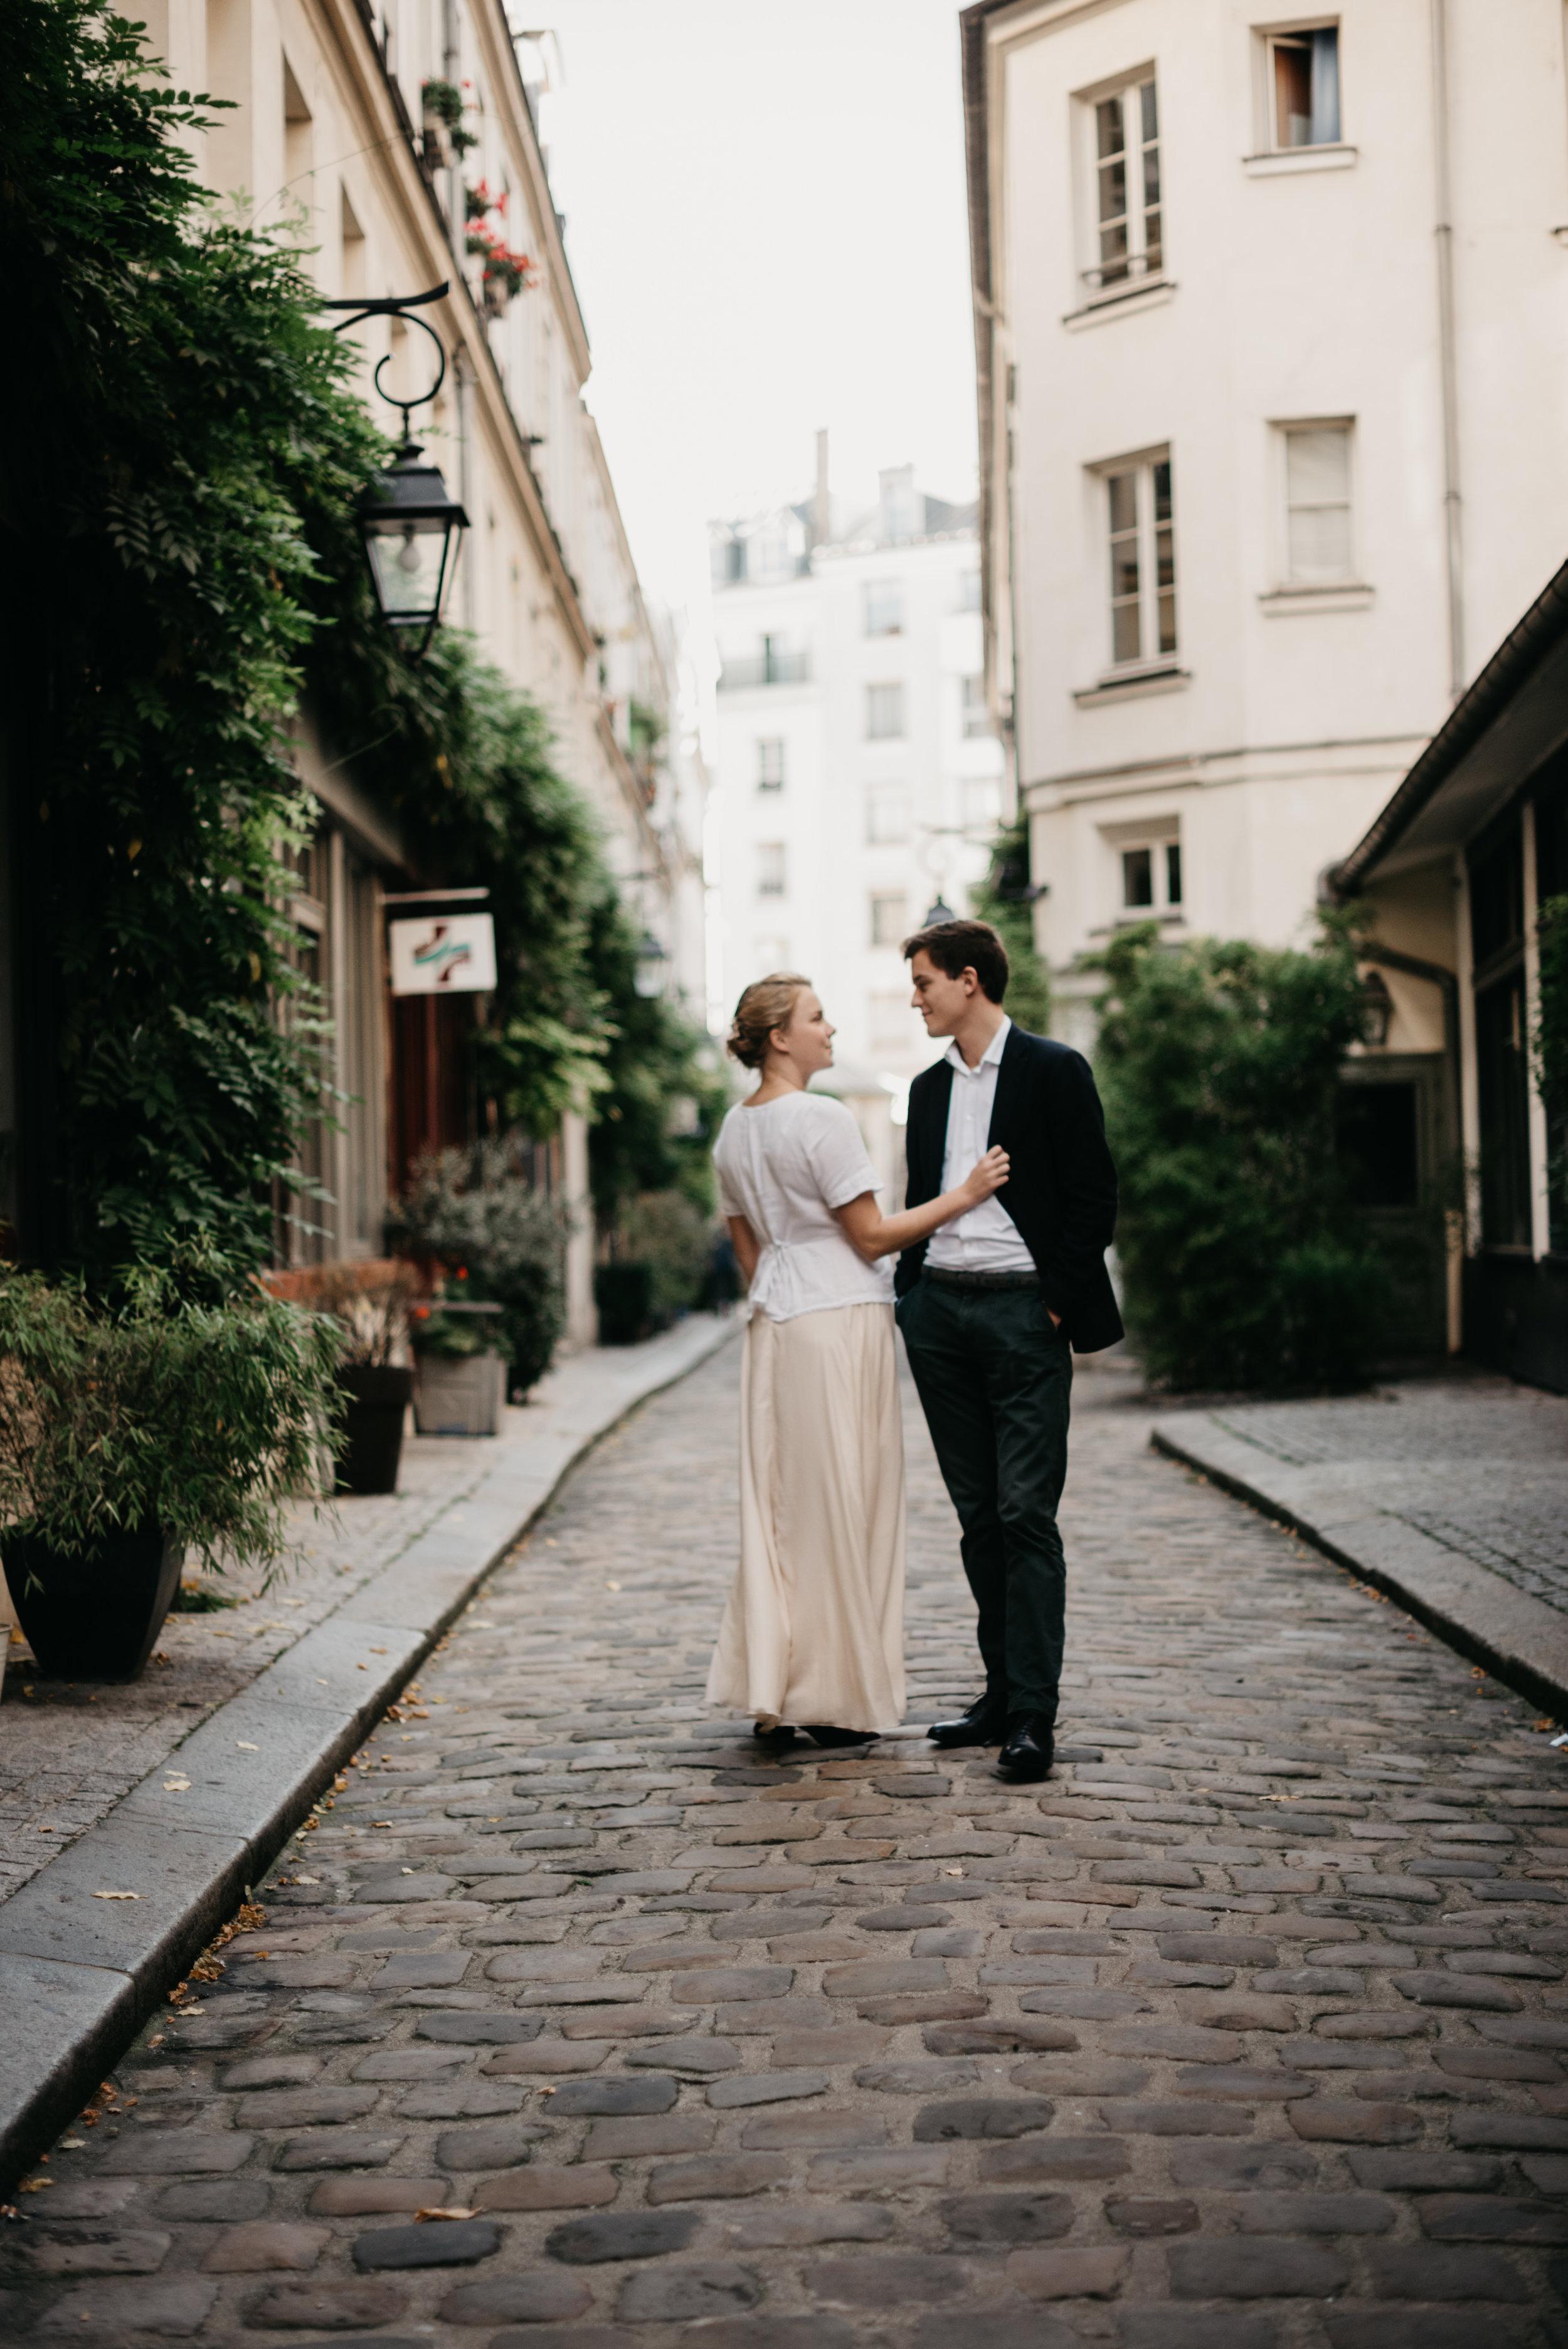 Léa-Fery-photographe-professionnel-lyon-rhone-alpes-portrait-creation-mariage-evenement-evenementiel-famille-3132.jpg